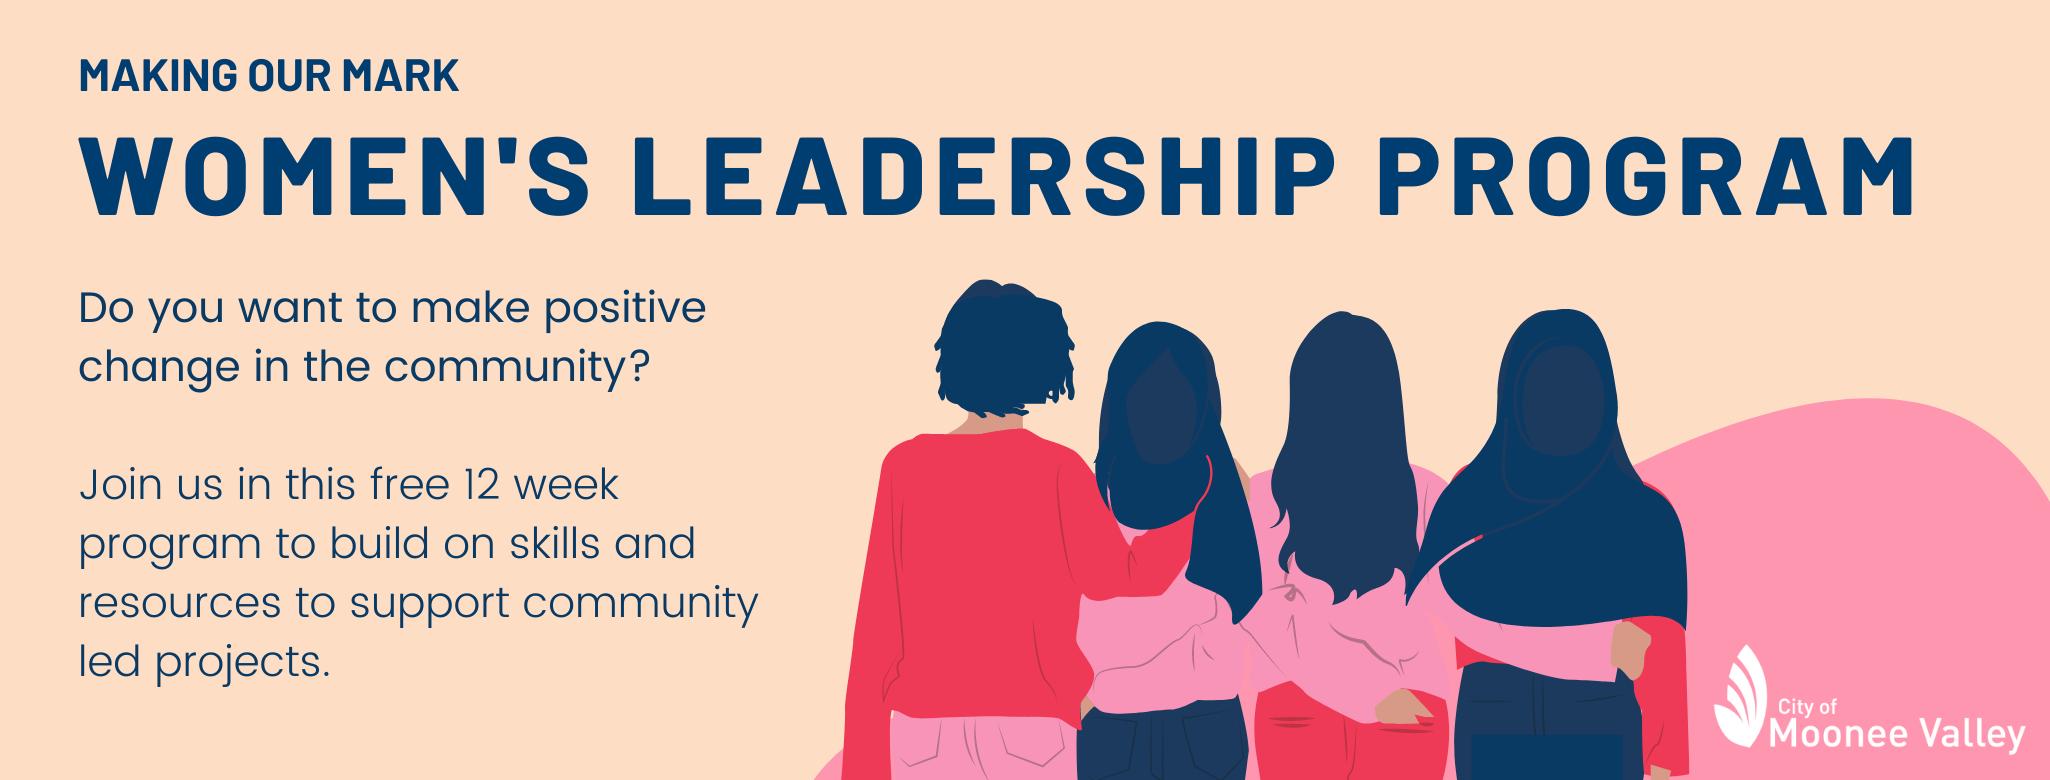 Womens Leadership Program Header for website EOI